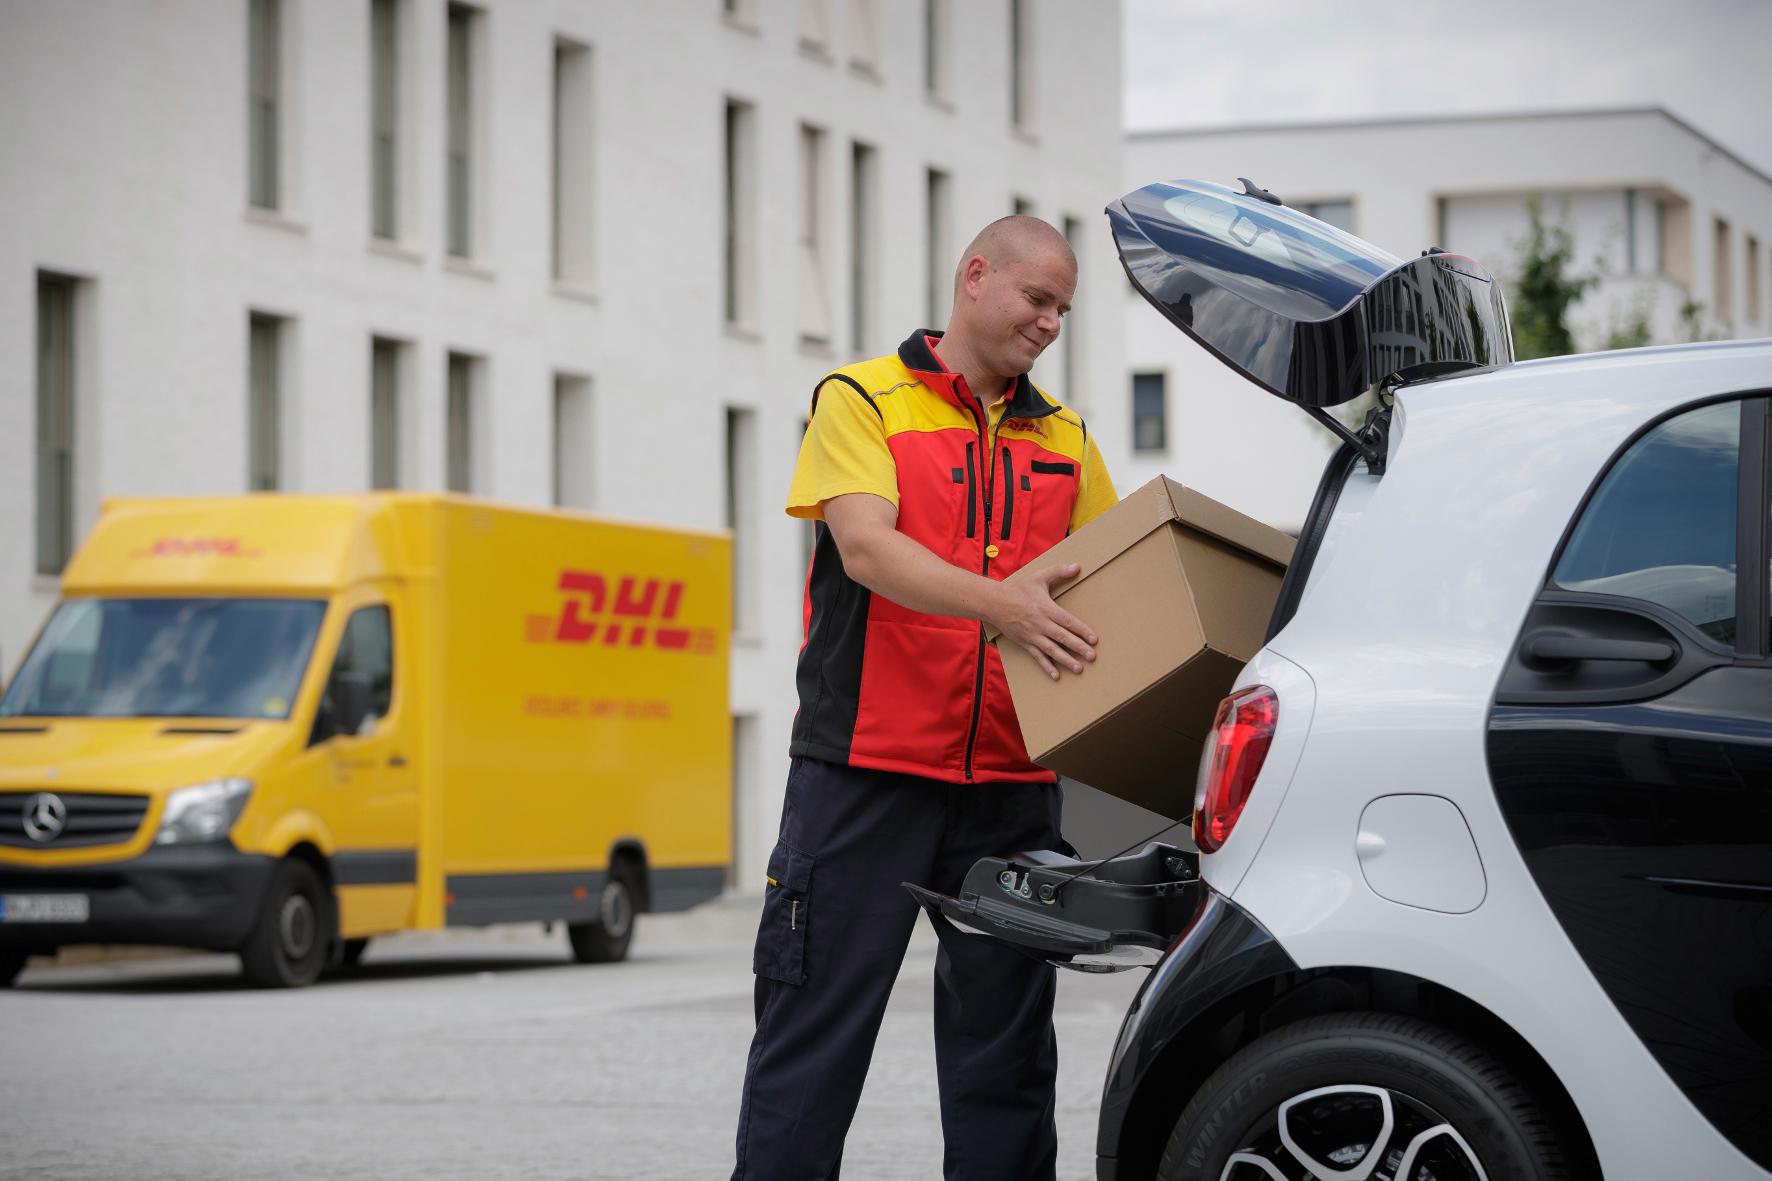 mid Böblingen - Wenn der Postmann nicht mehr klingelt: Smart-Besitzer können ihre Autos ab Herbst 2016 als mobile Lieferadresse für Paketsendungen nutzen.